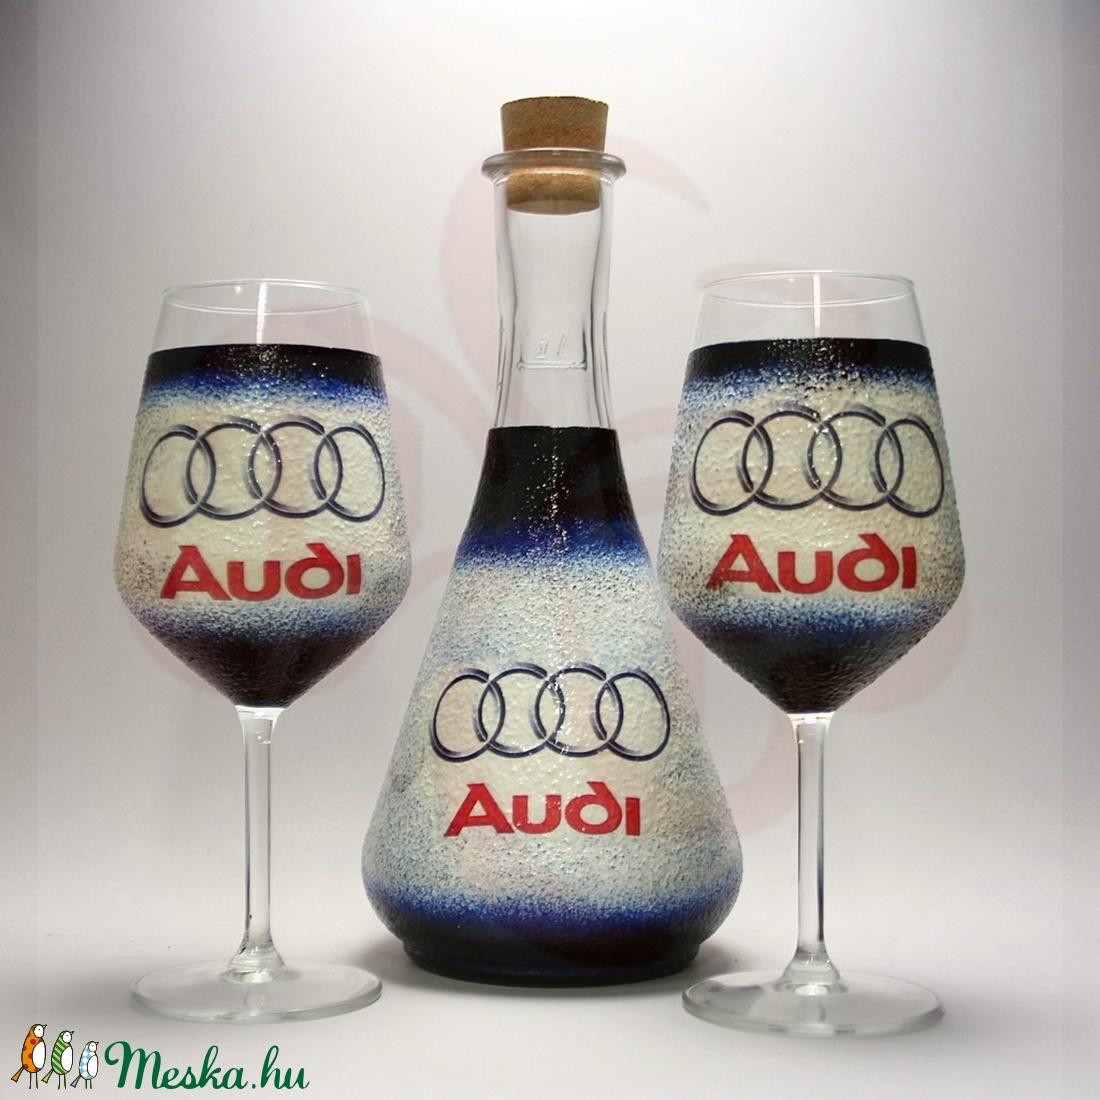 Audi boros készlet ; Audi rajongóknak - Meska.hu